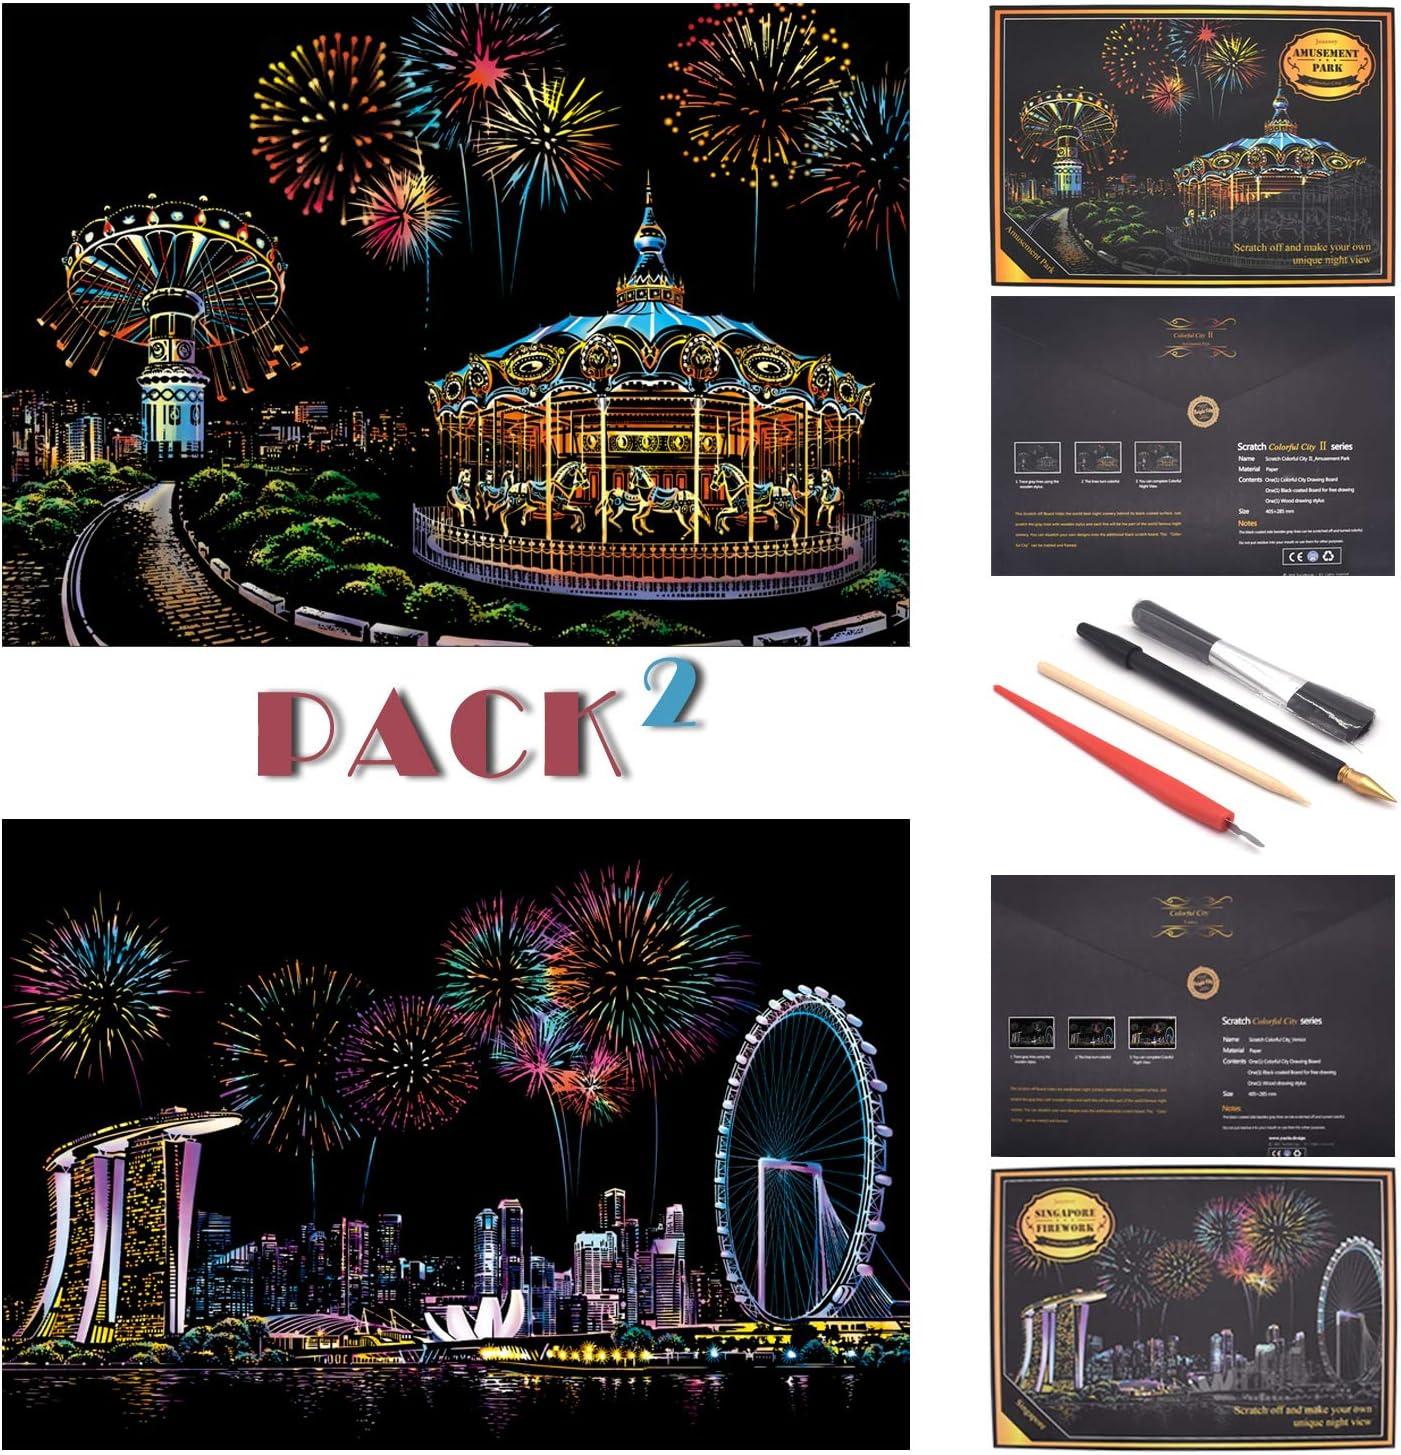 SiYear Boceto Scratch Paper Rainbow Painting, City Series Night Scene, Scratch Painting Creative Gift, Scratchboard Art para Adultos y niños, con 4 Herramientas (Parque de Atracciones + Singapur)